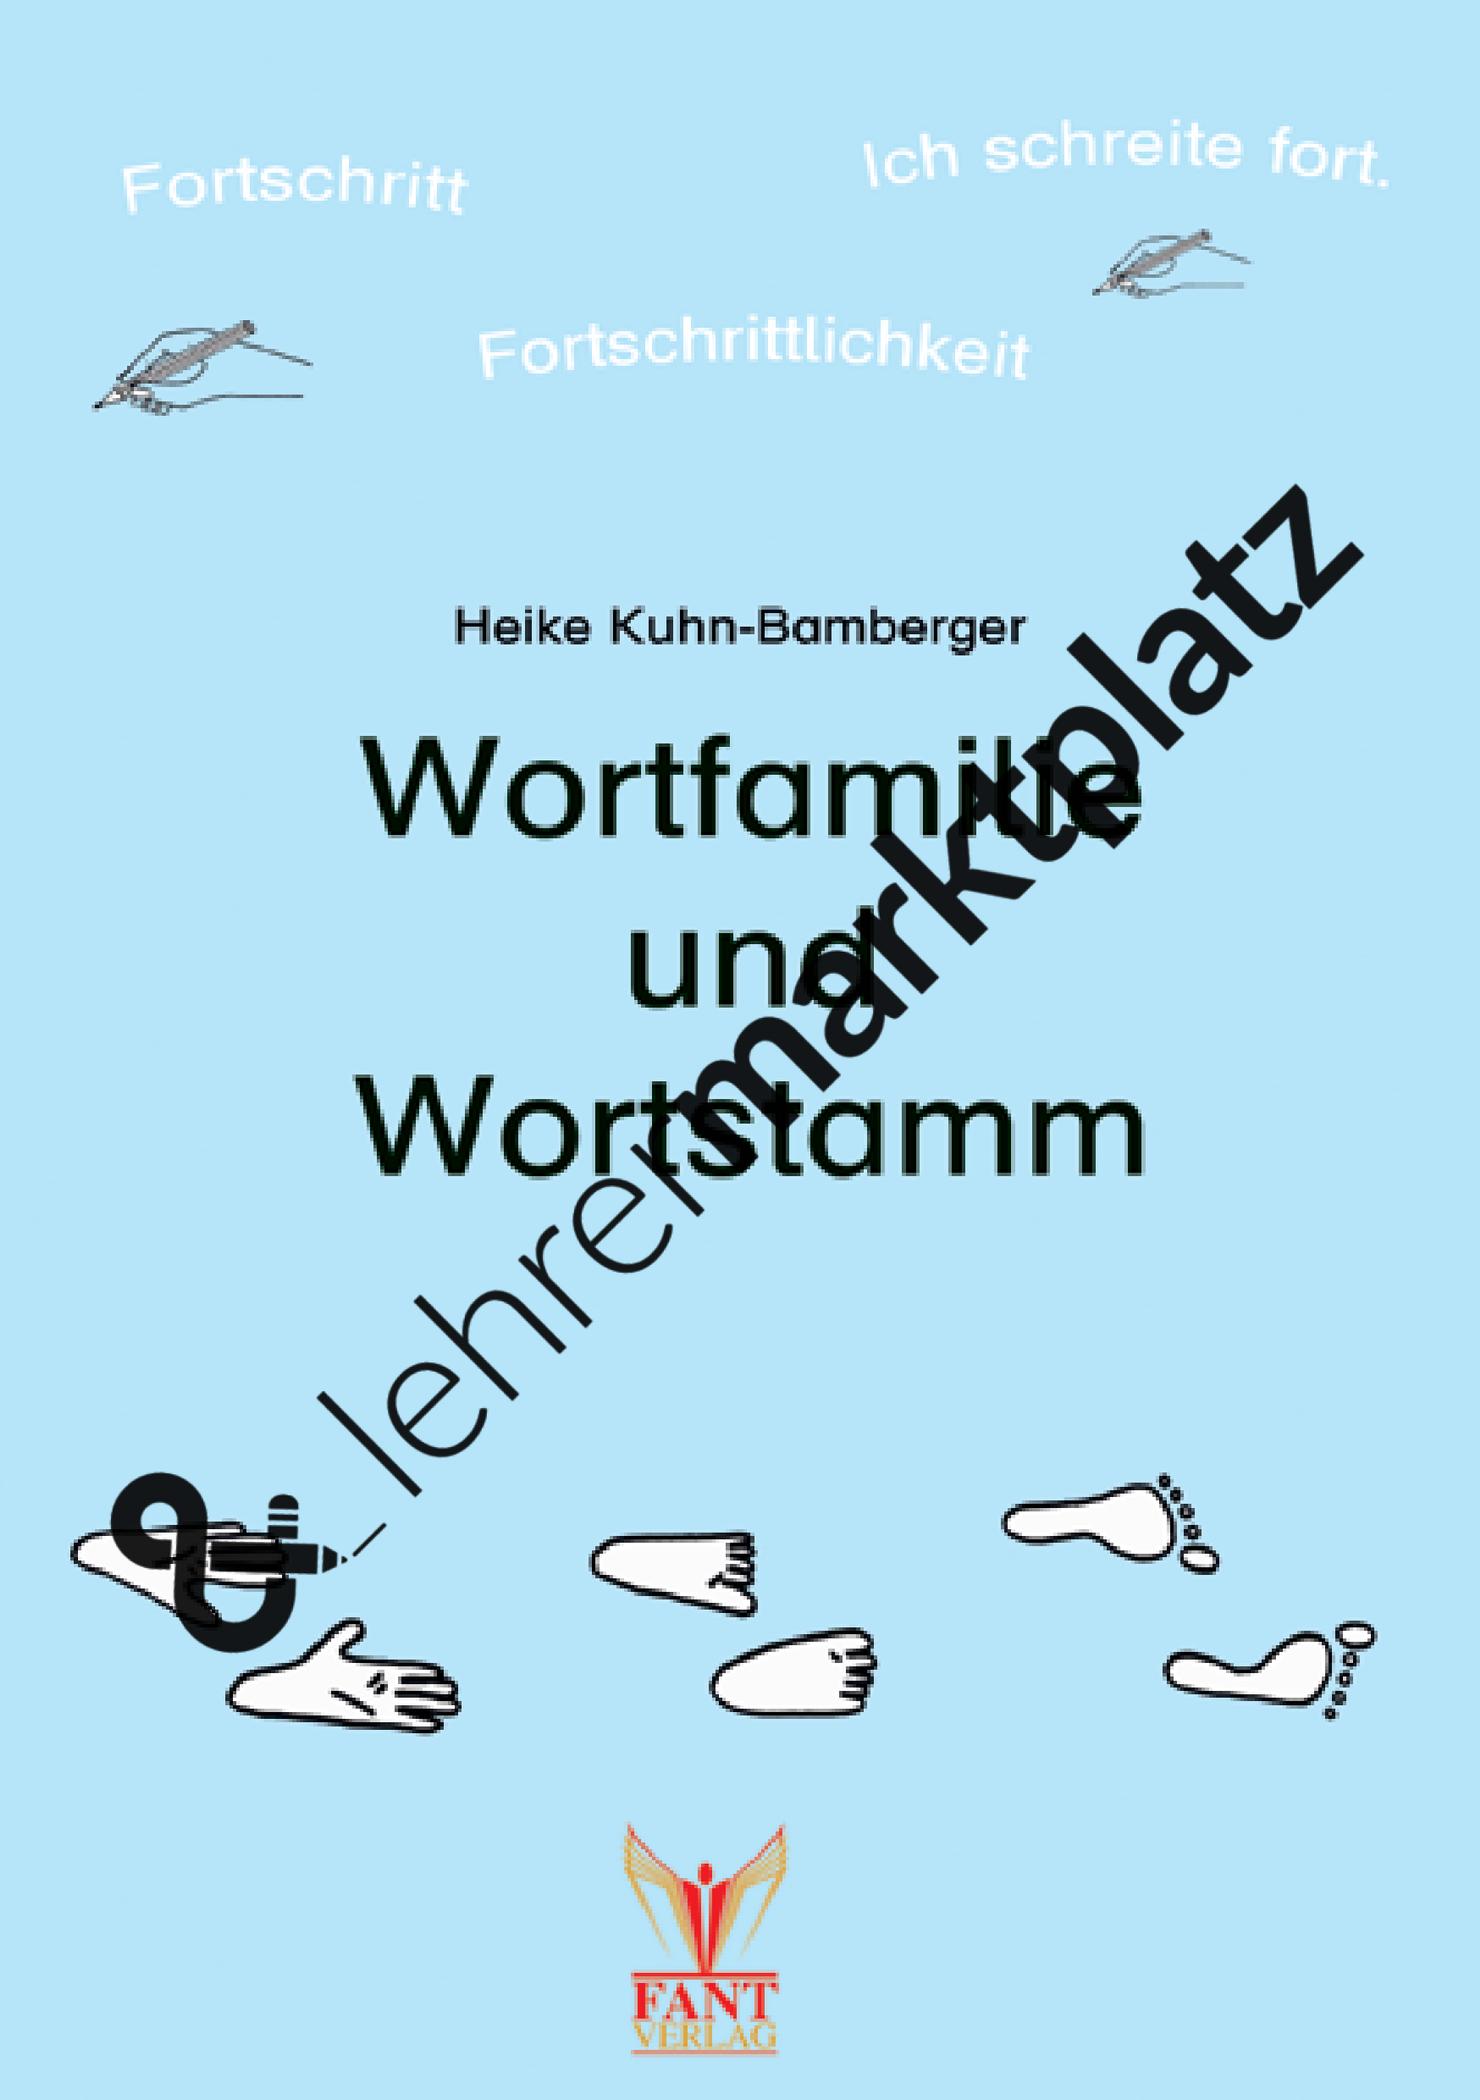 Wortfamilie Und Wortstamm Unterrichtsmaterial Im Fach Deutsch Wortfamilie Wortfamilien Schwierige Worter